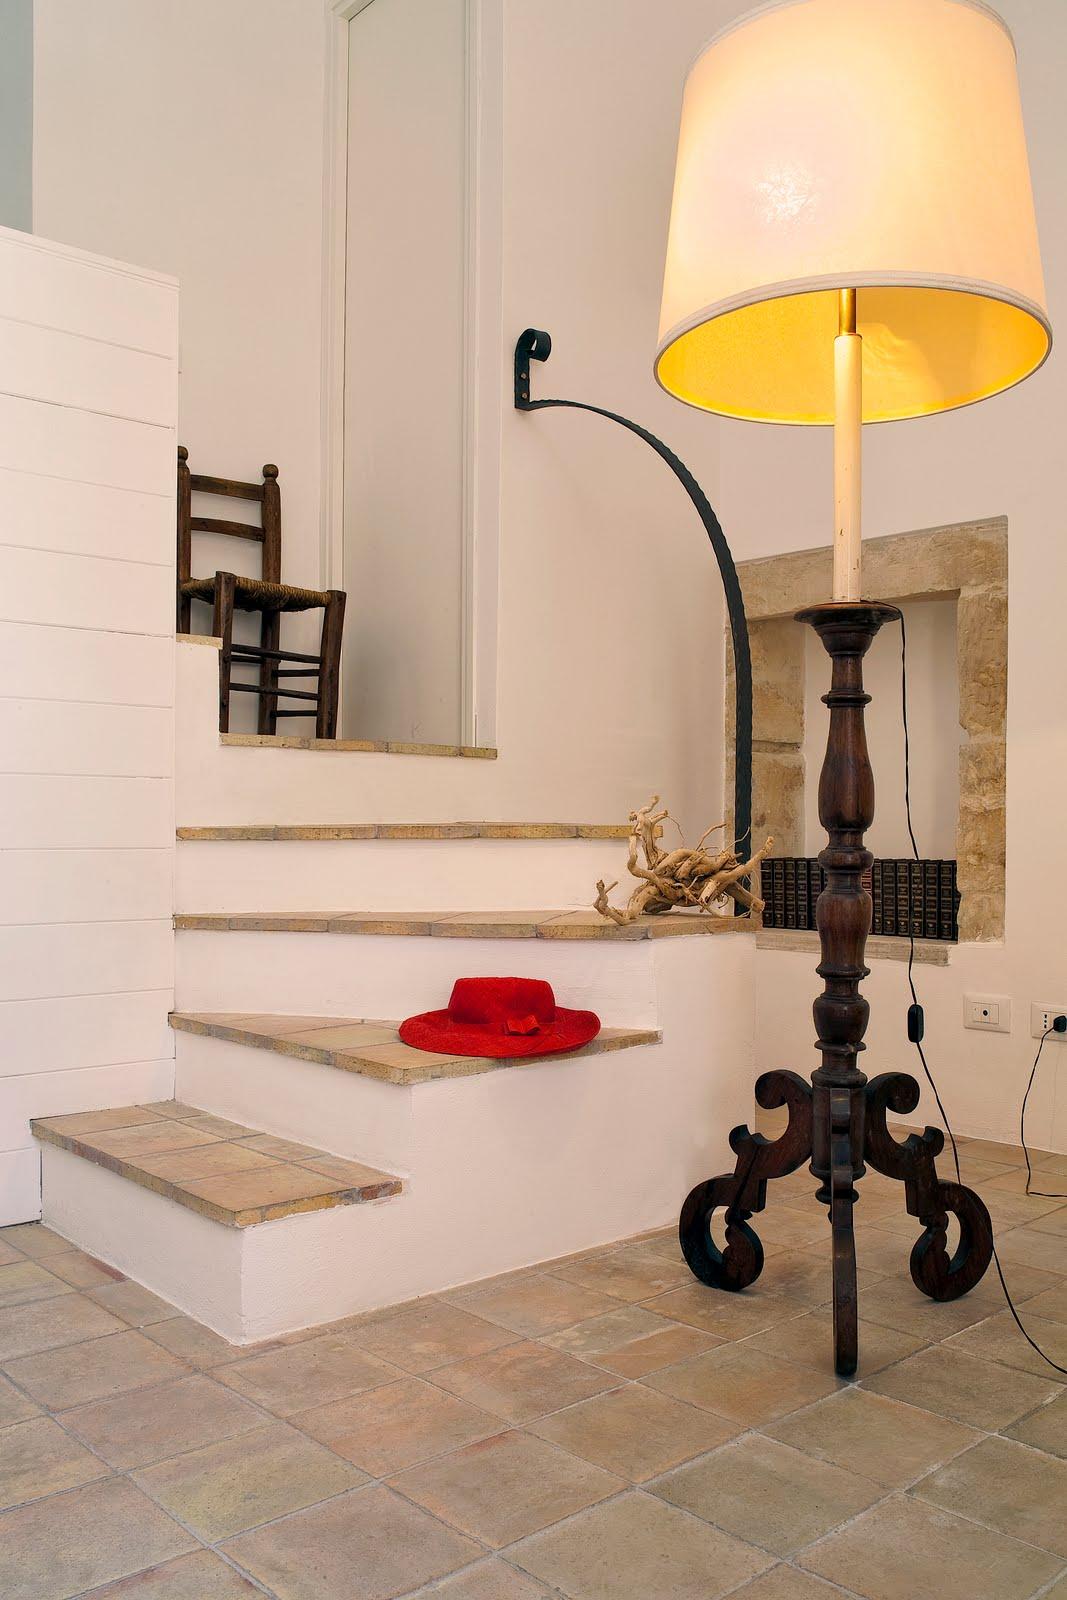 Dubini accomodation collection 01 02 11 01 03 11 for Case antiche ristrutturate